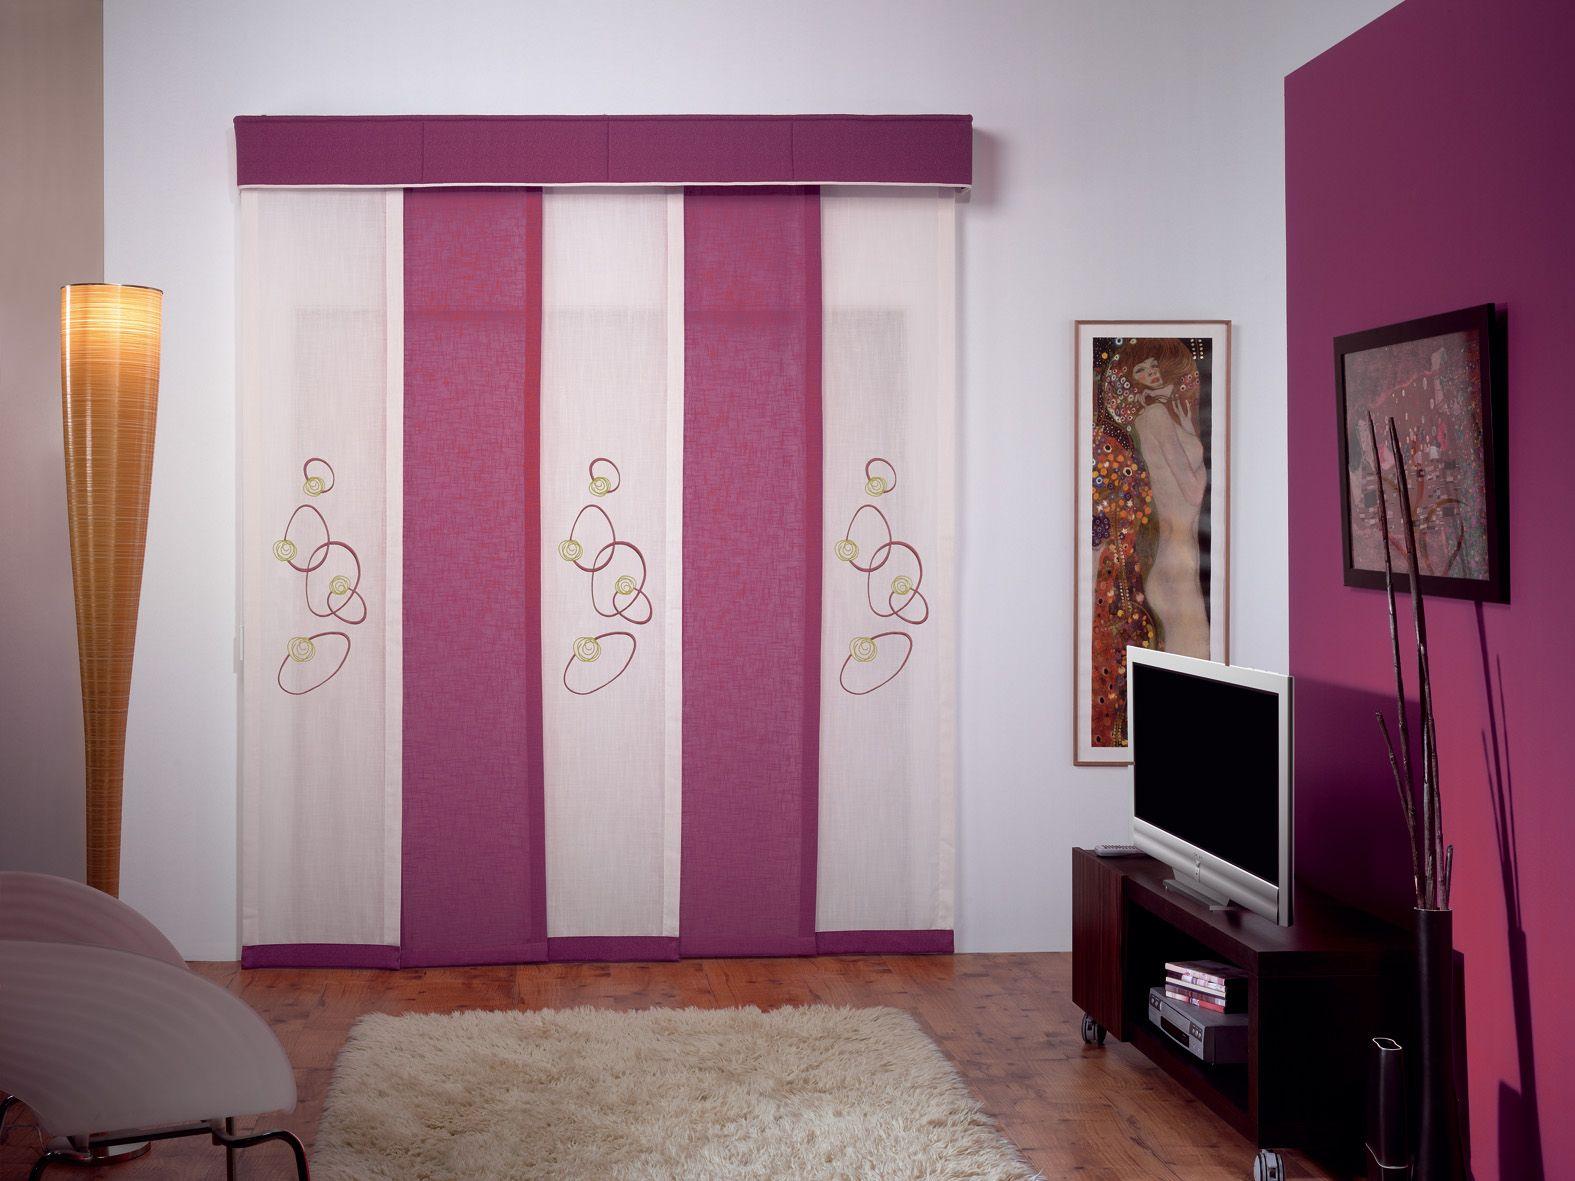 Panel japon s de 5 v as y volante de tela decoracion de interiores panel cortinas y - Cortinas originales para dormitorio ...